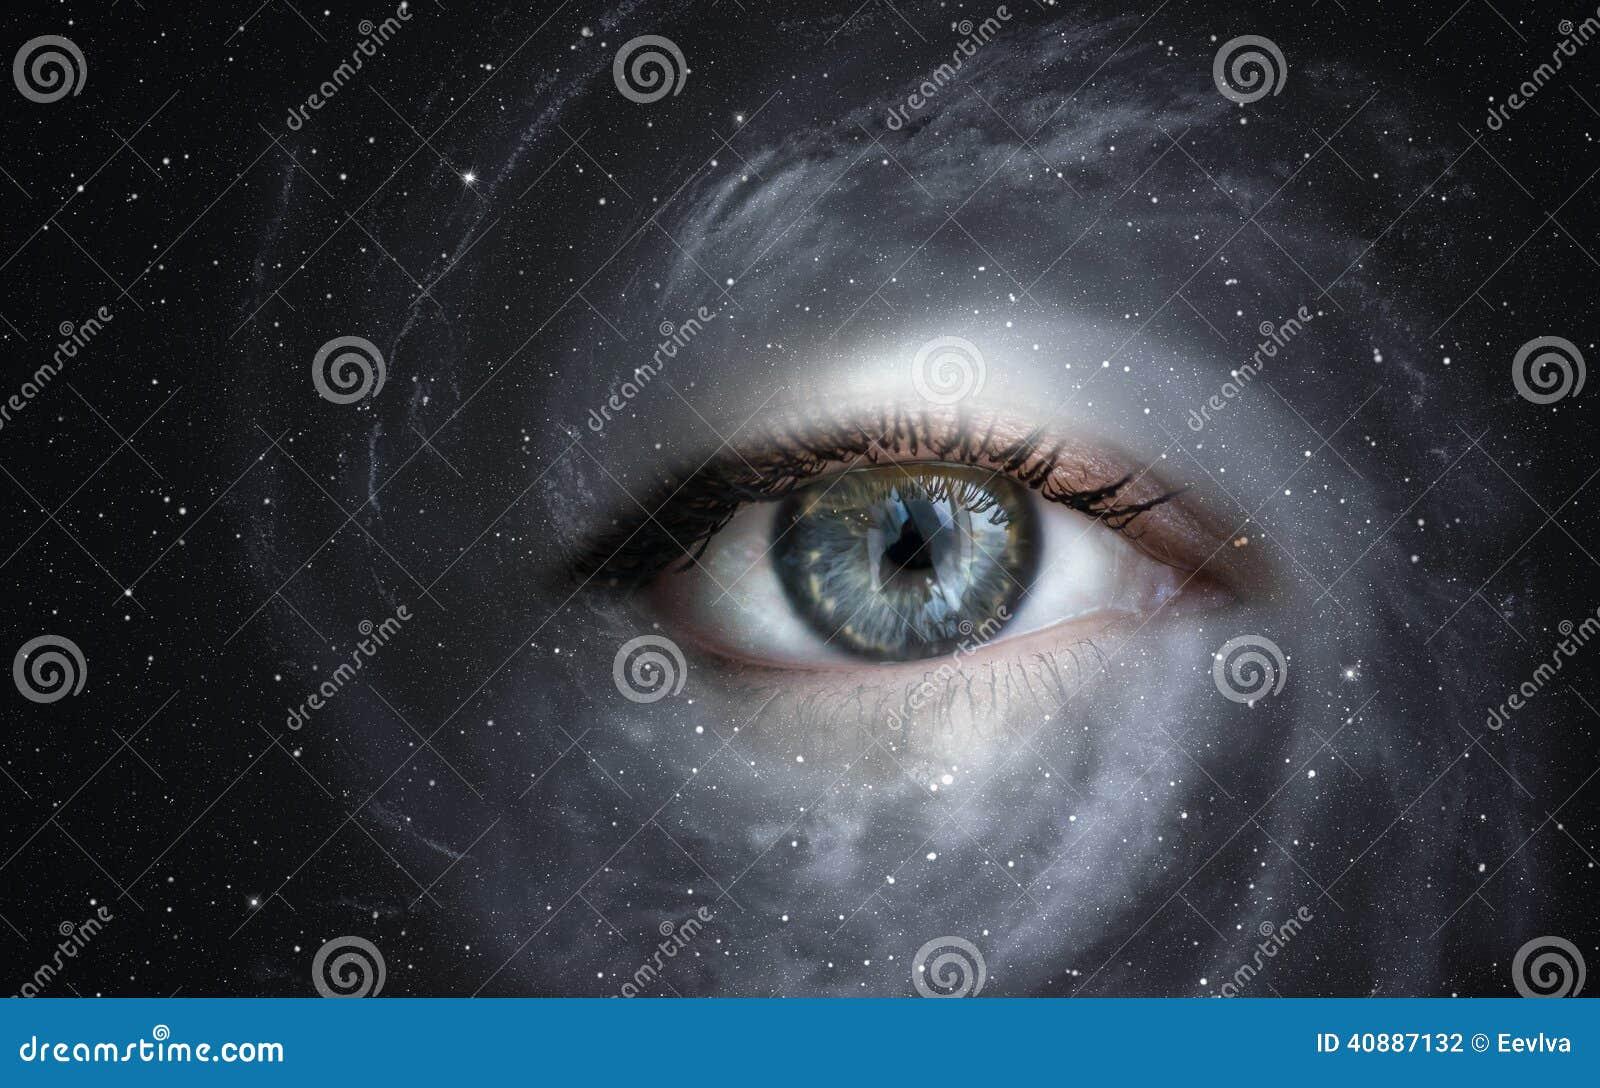 Download Galaxy with eye. stock photo. Image of nebula, sensory - 40887132